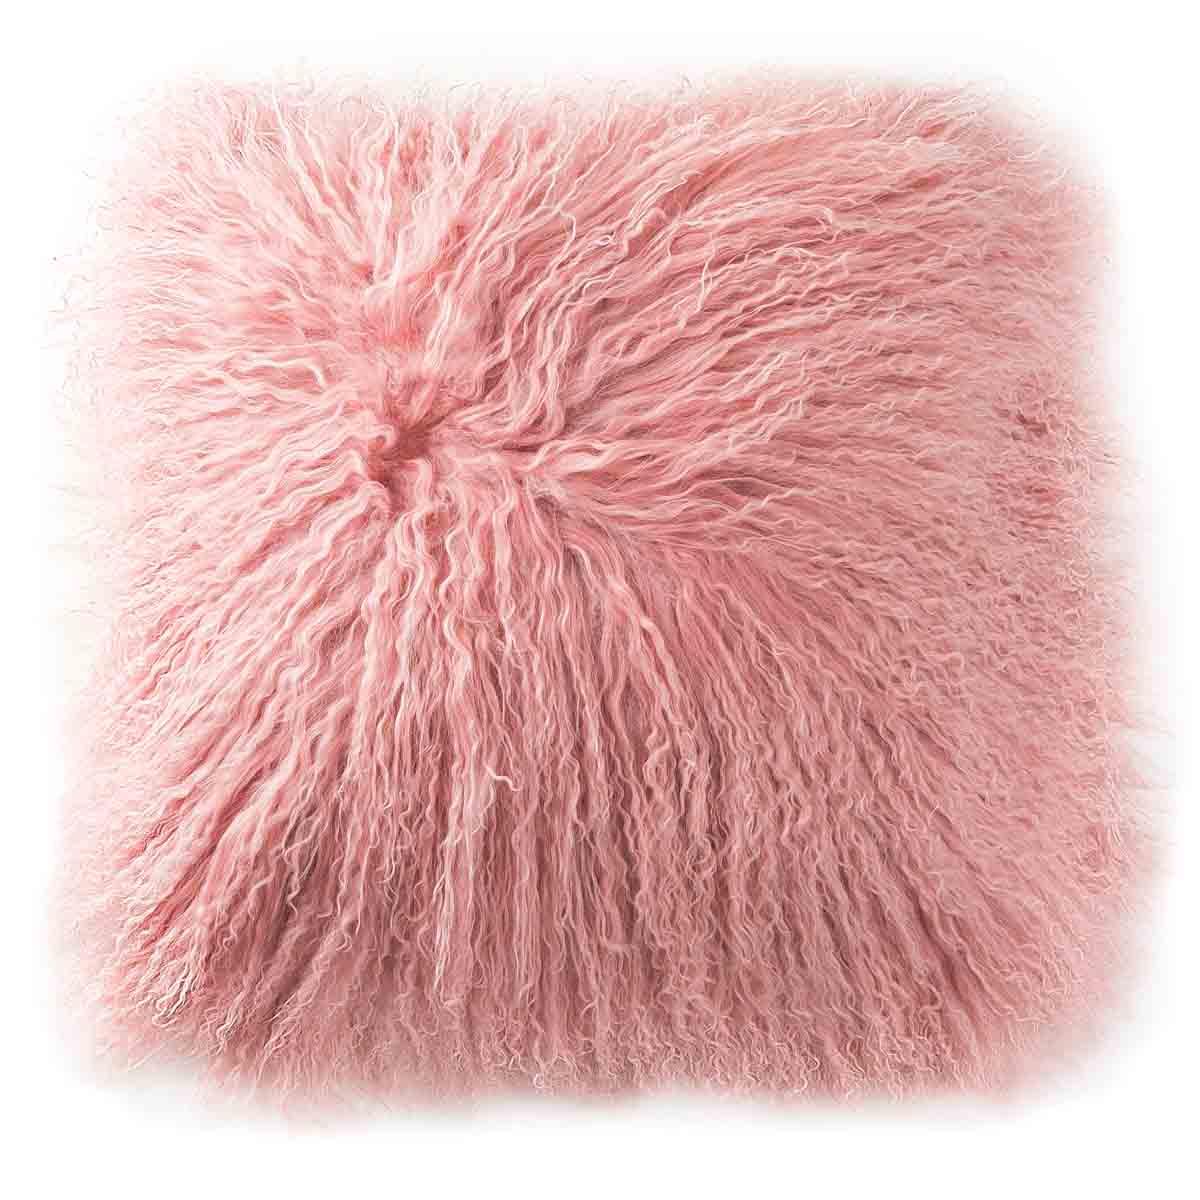 Grenier Alpin Coussin peau de mouton du Tibet 35 x 35 cm laine frisée rose poudré